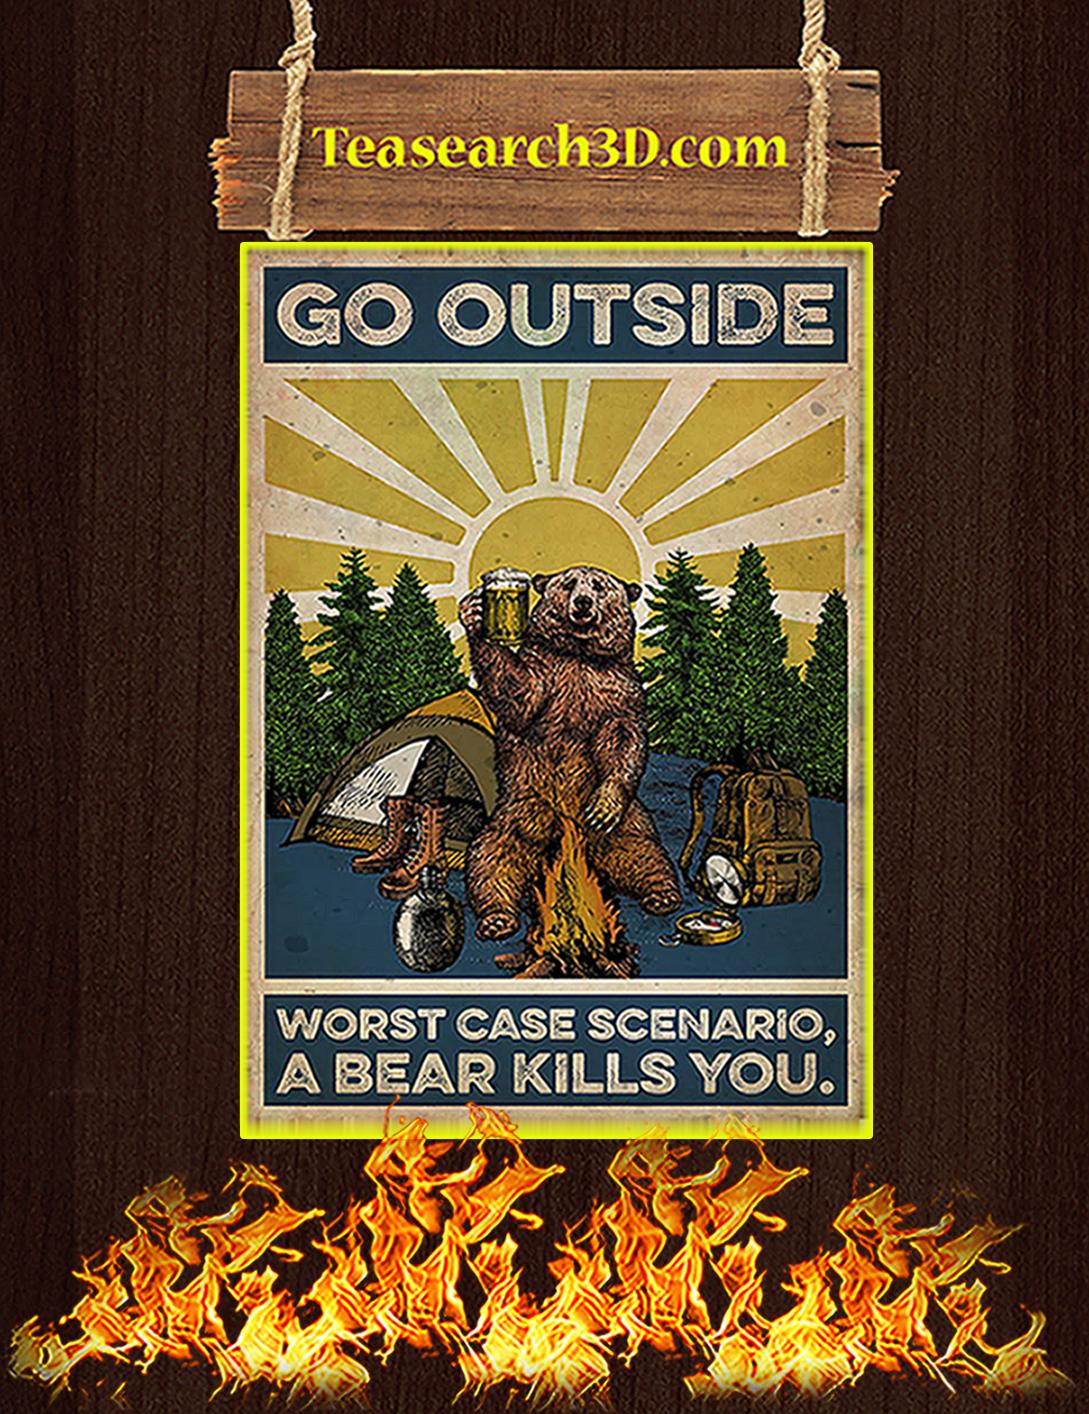 Camping go outside worst case scenario a bear kills you poster A2